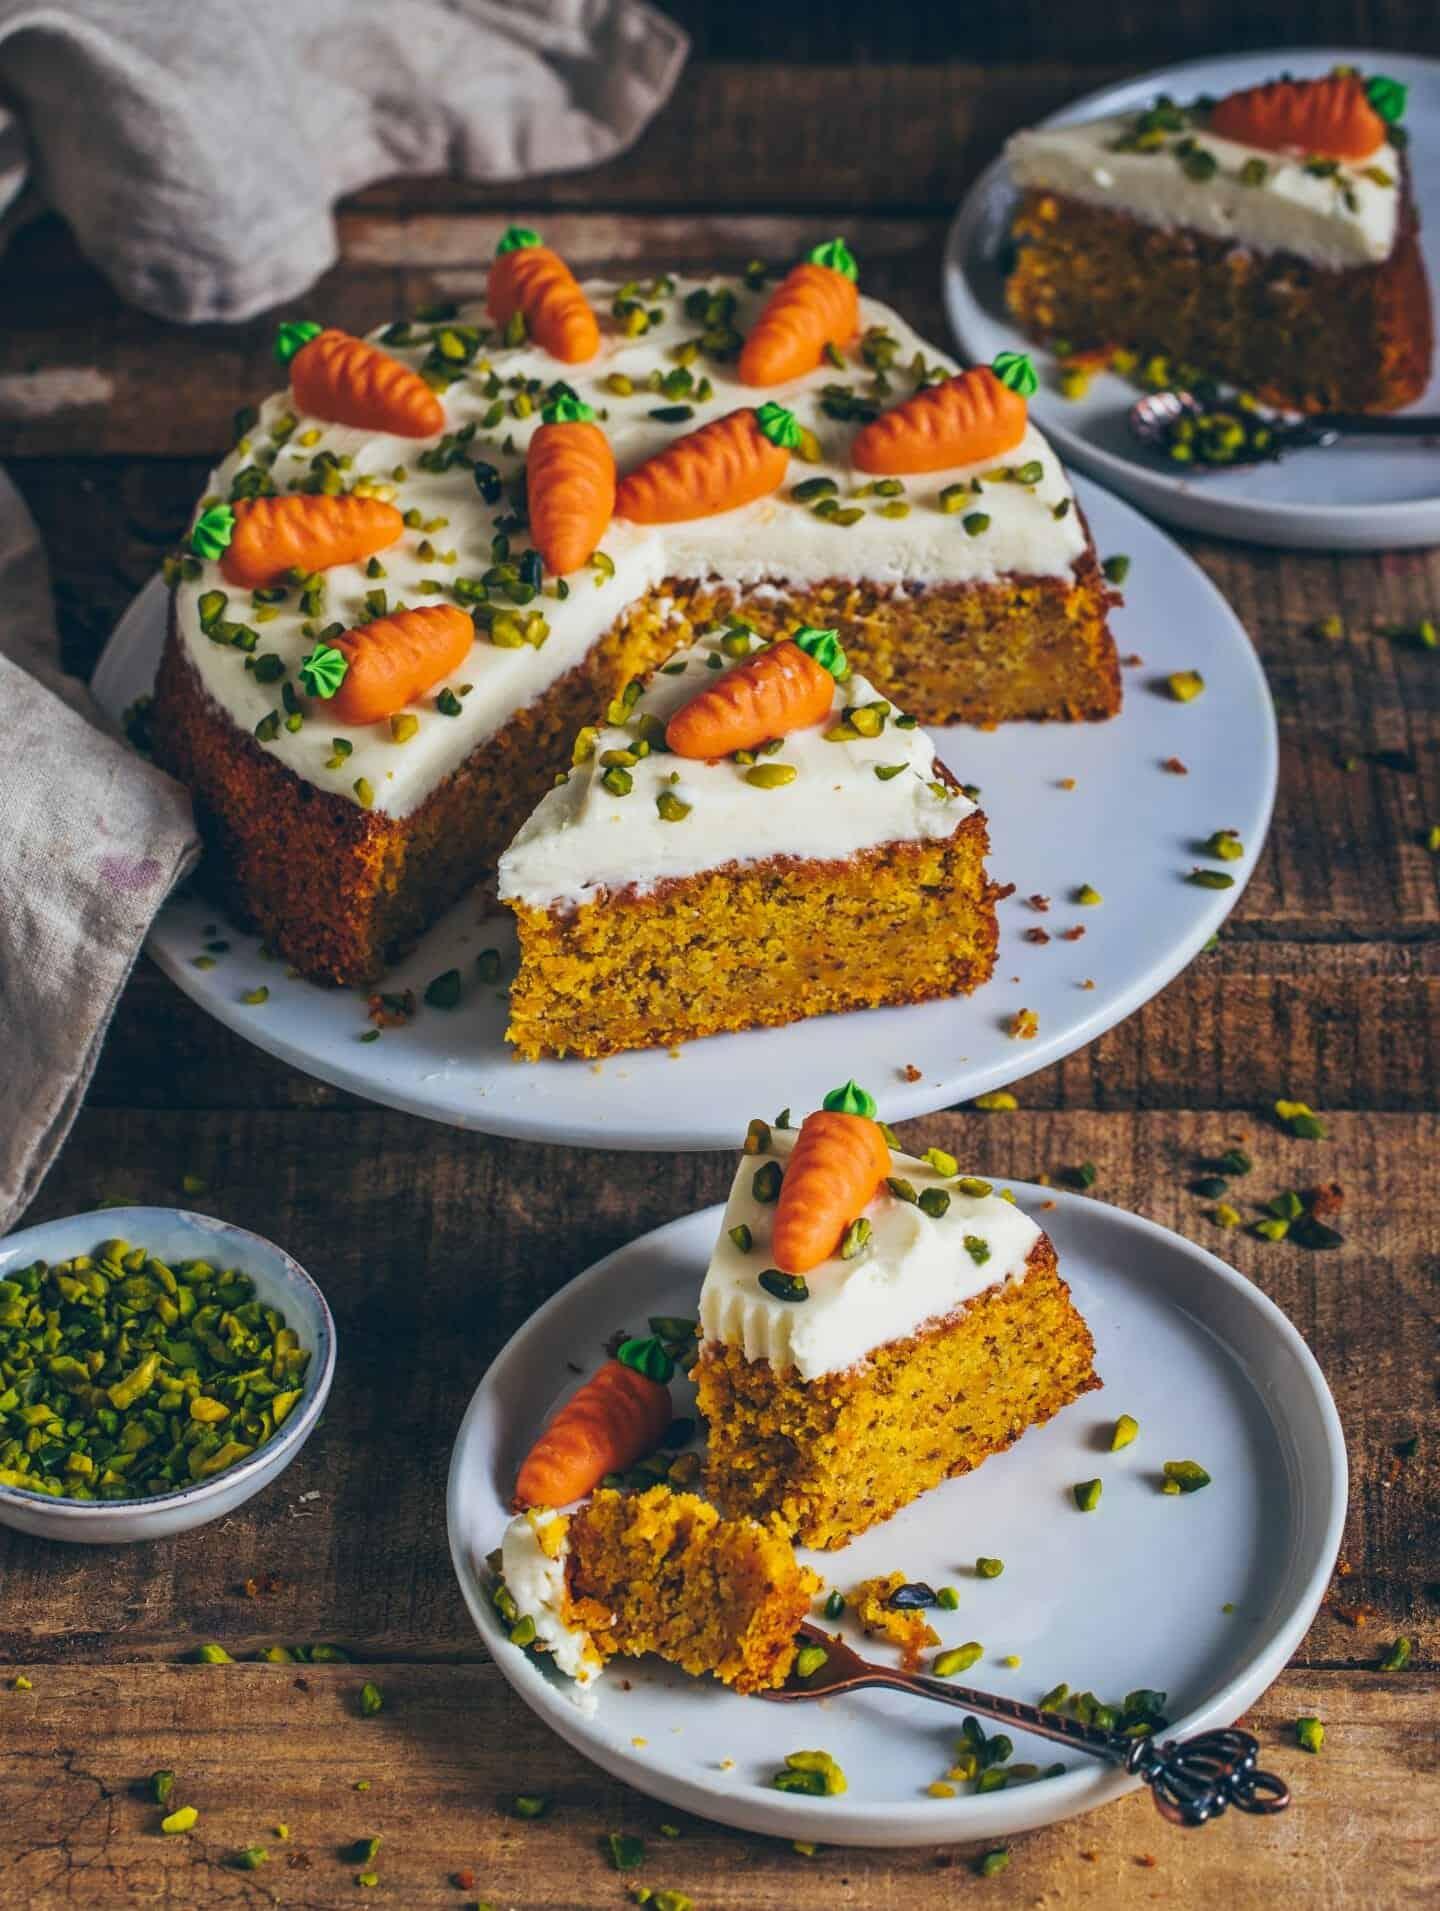 Karottenkuchen Mohrenkuchen Vegan Bianca Zapatka